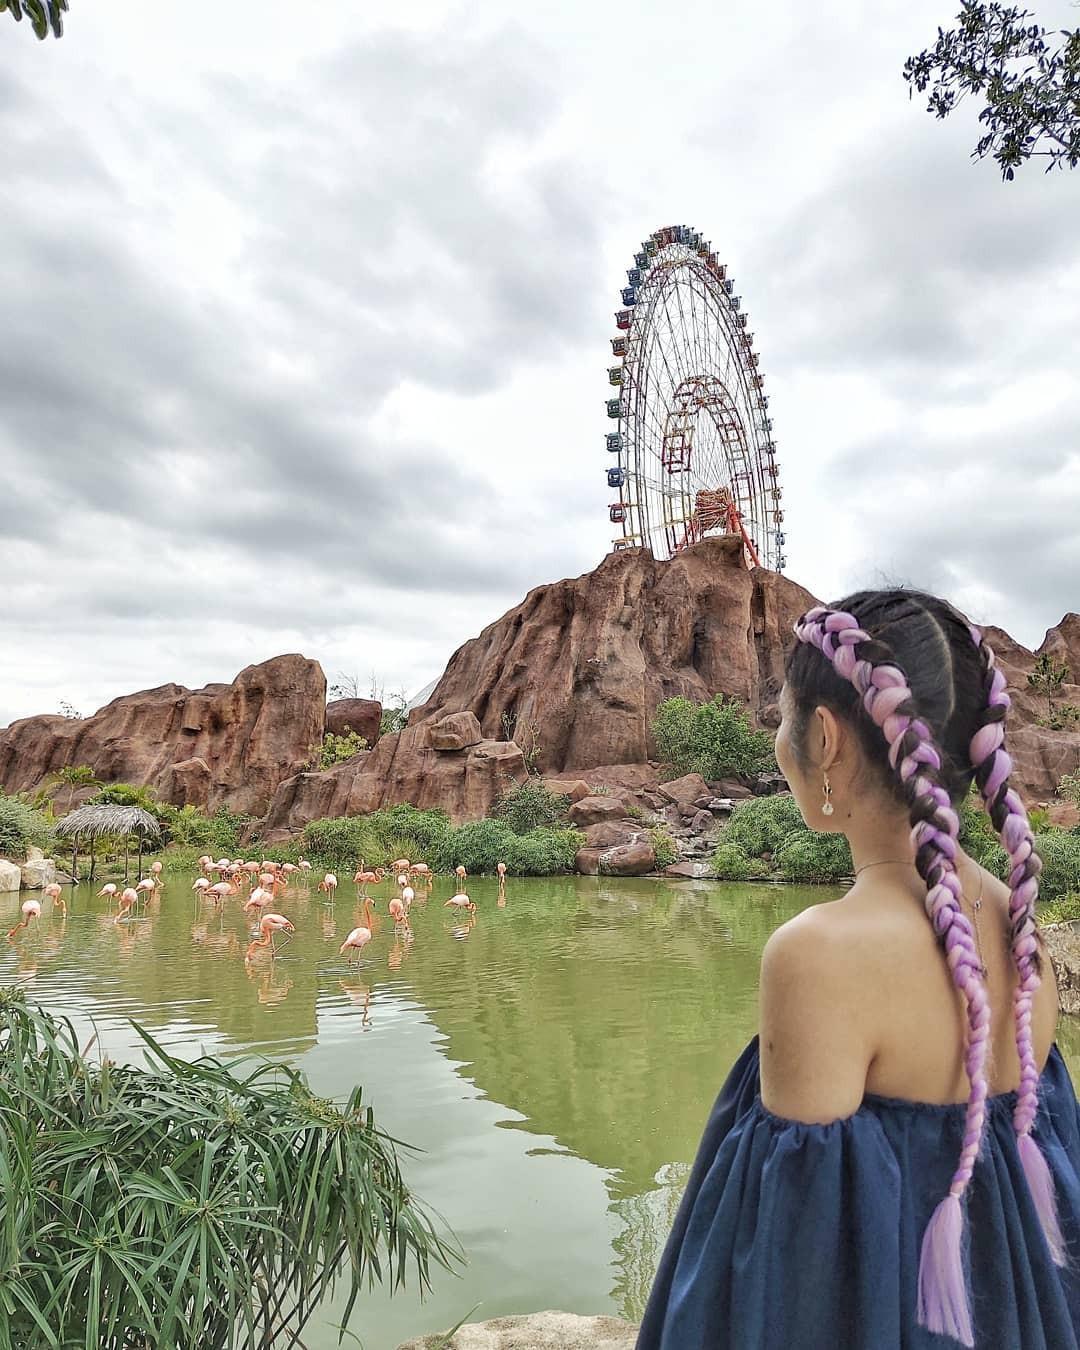 Phát hiện Nấc thang cầu vồng chụp ảnh siêu ảo diệu ở Nha Trang - Ảnh 8.